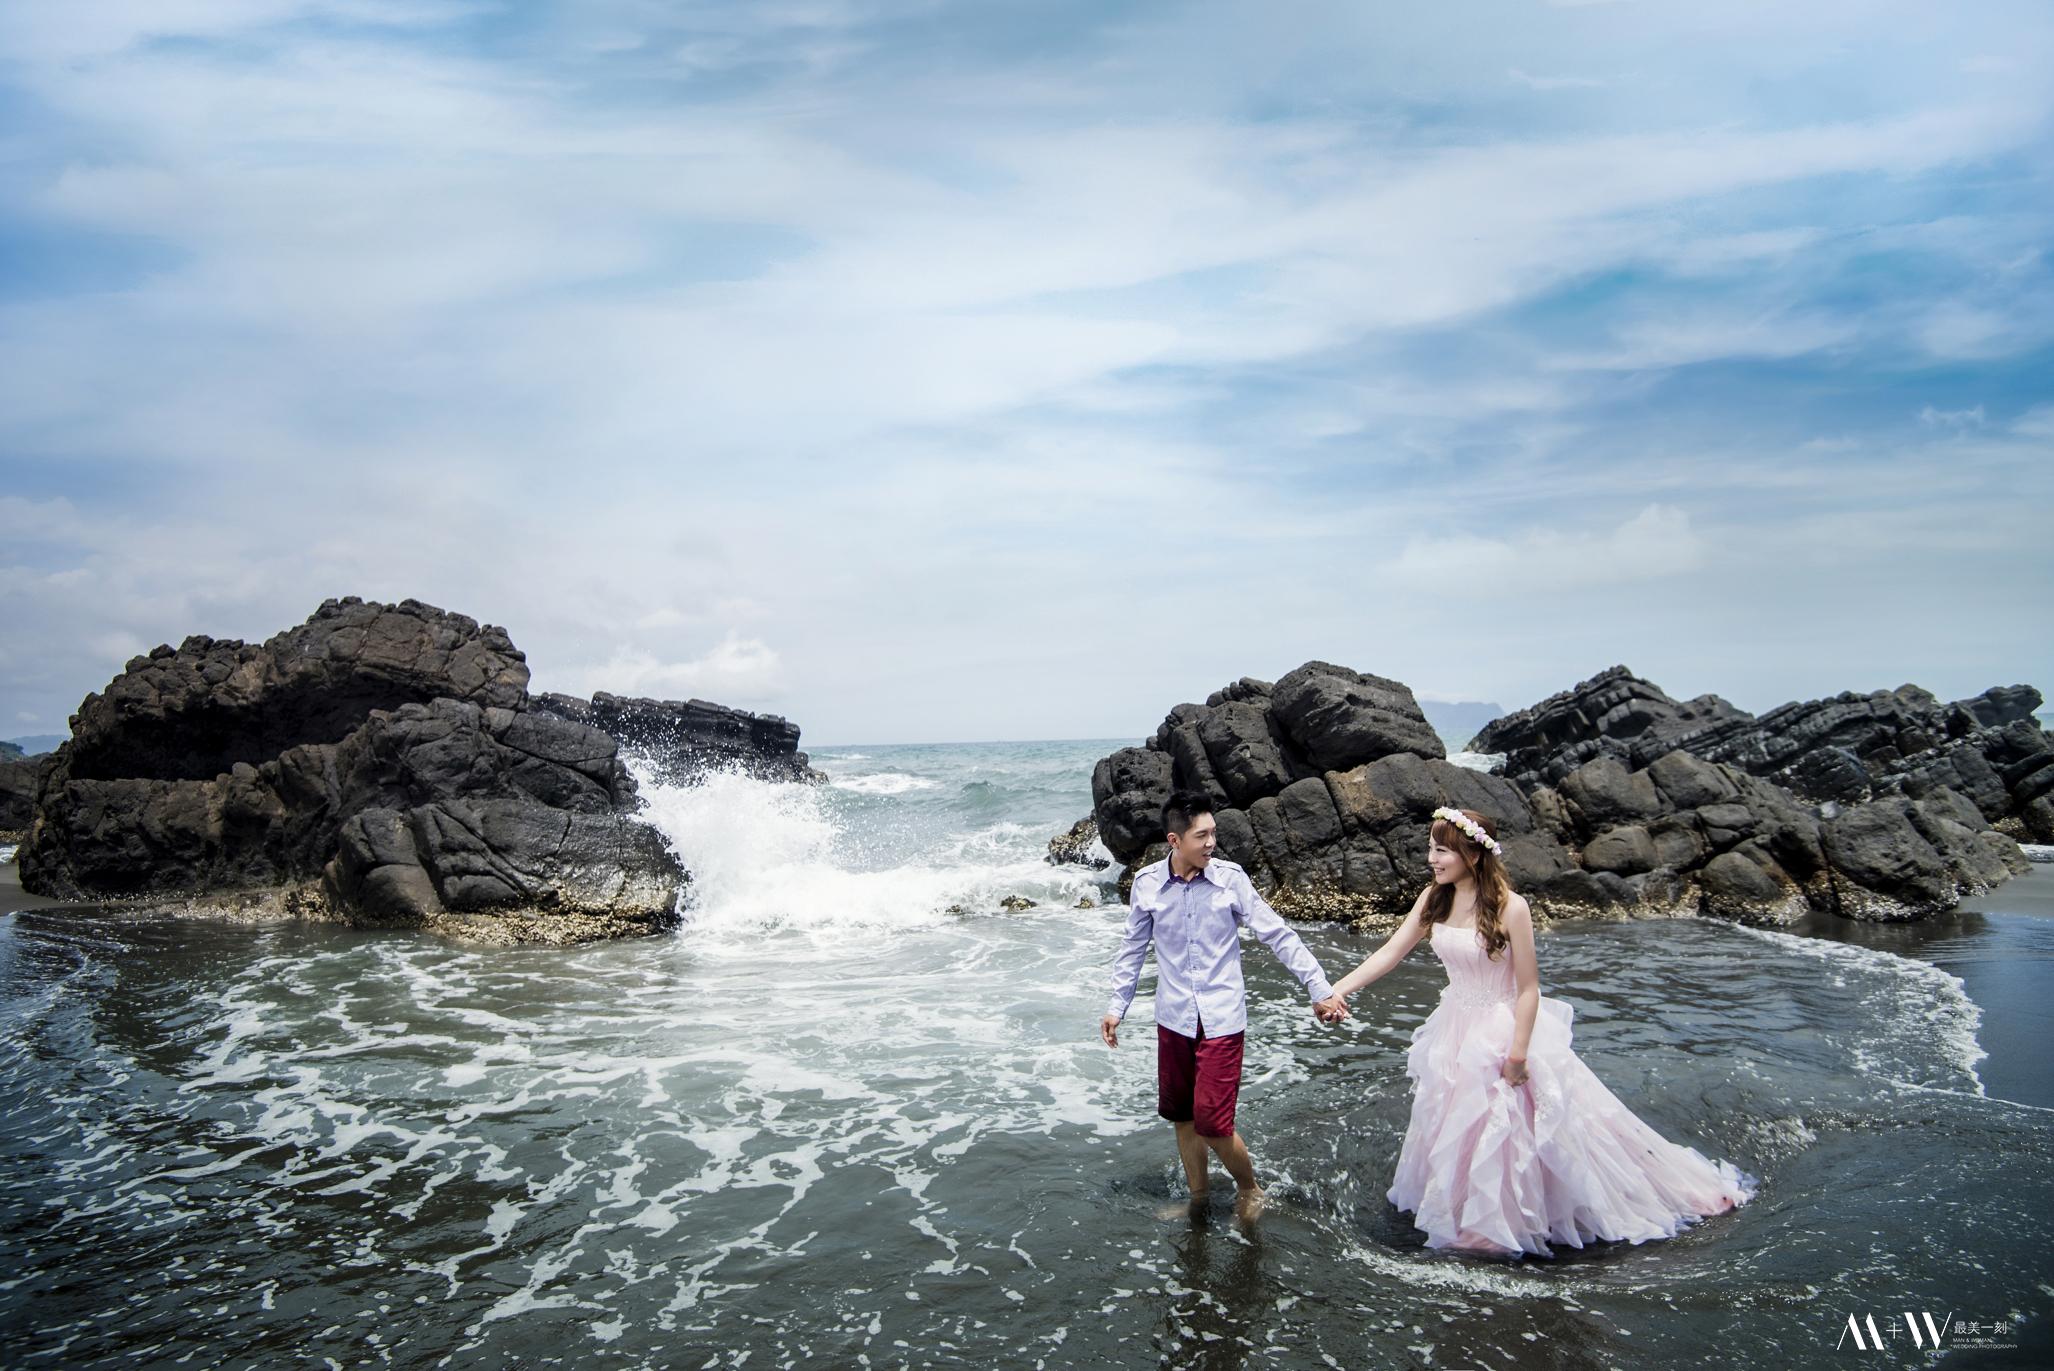 自主婚紗, 自助婚紗, 創意婚紗, 創意婚紗照, 拍婚紗, 內湖婚紗